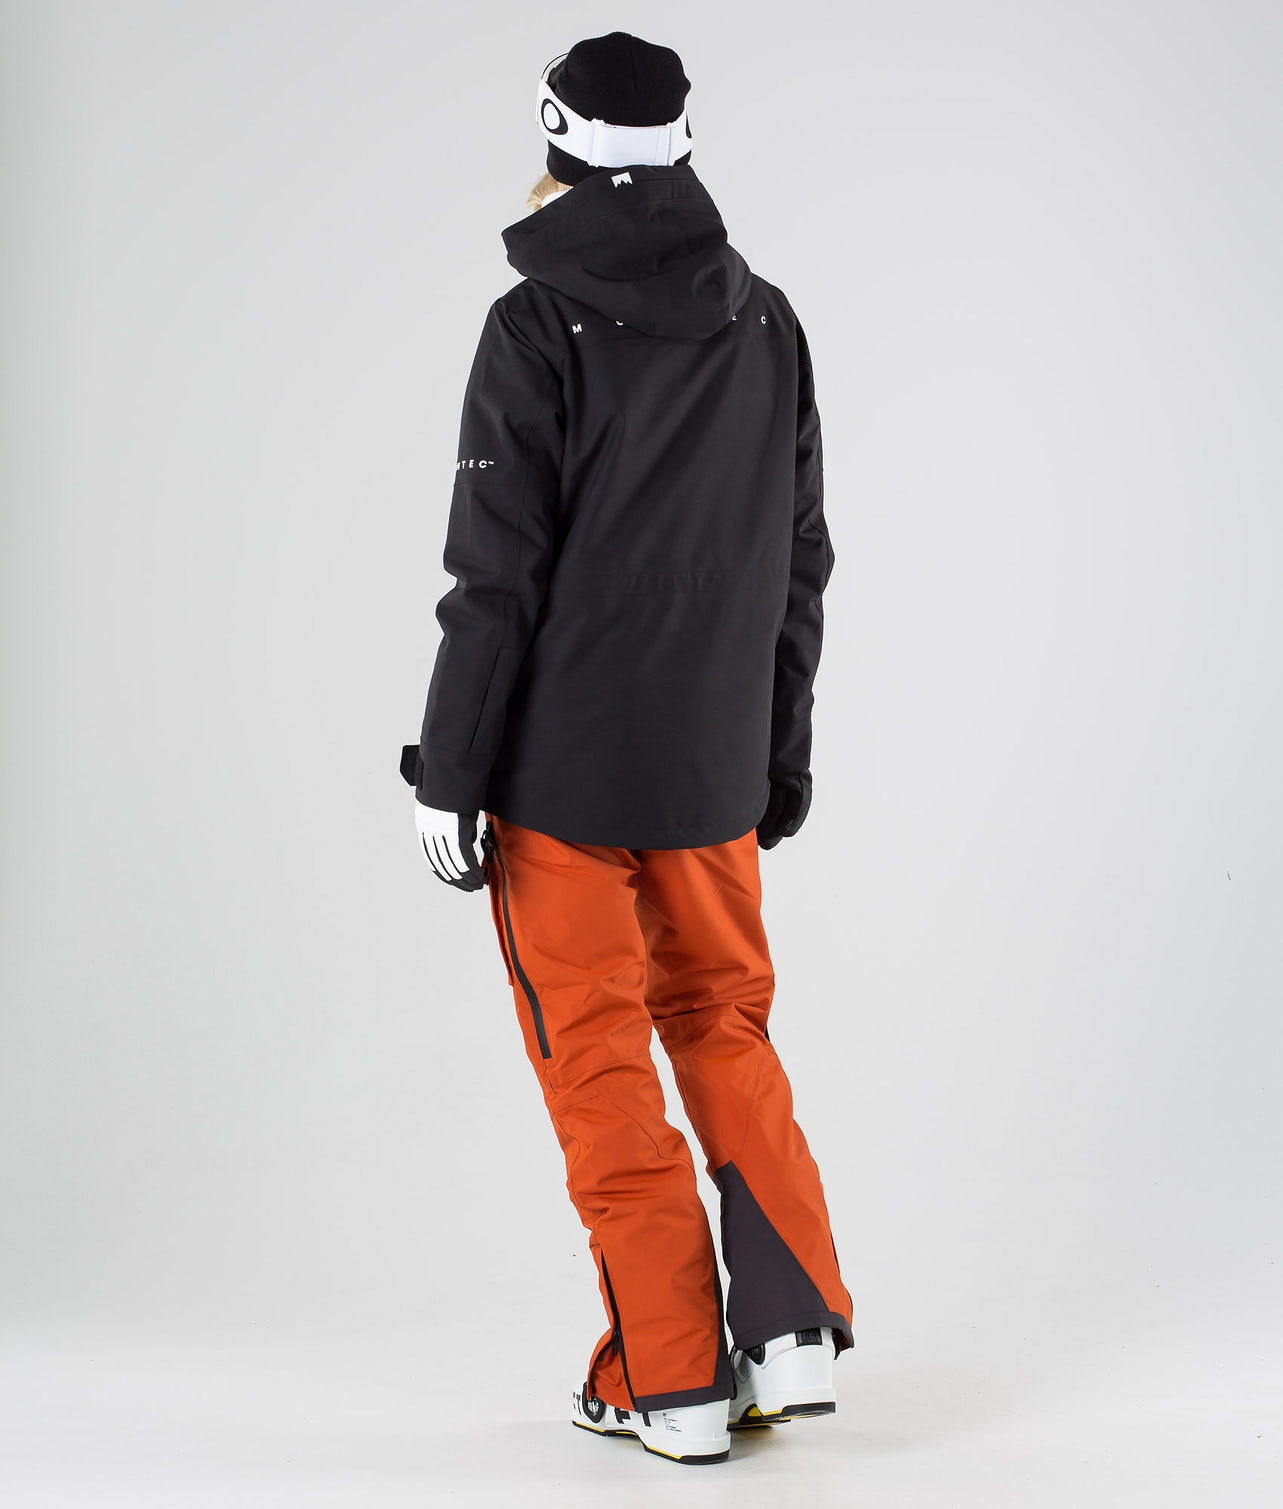 Kjøp Dune W Skijakke fra Montec på Ridestore.no - Hos oss har du alltid fri frakt, fri retur og 30 dagers åpent kjøp!